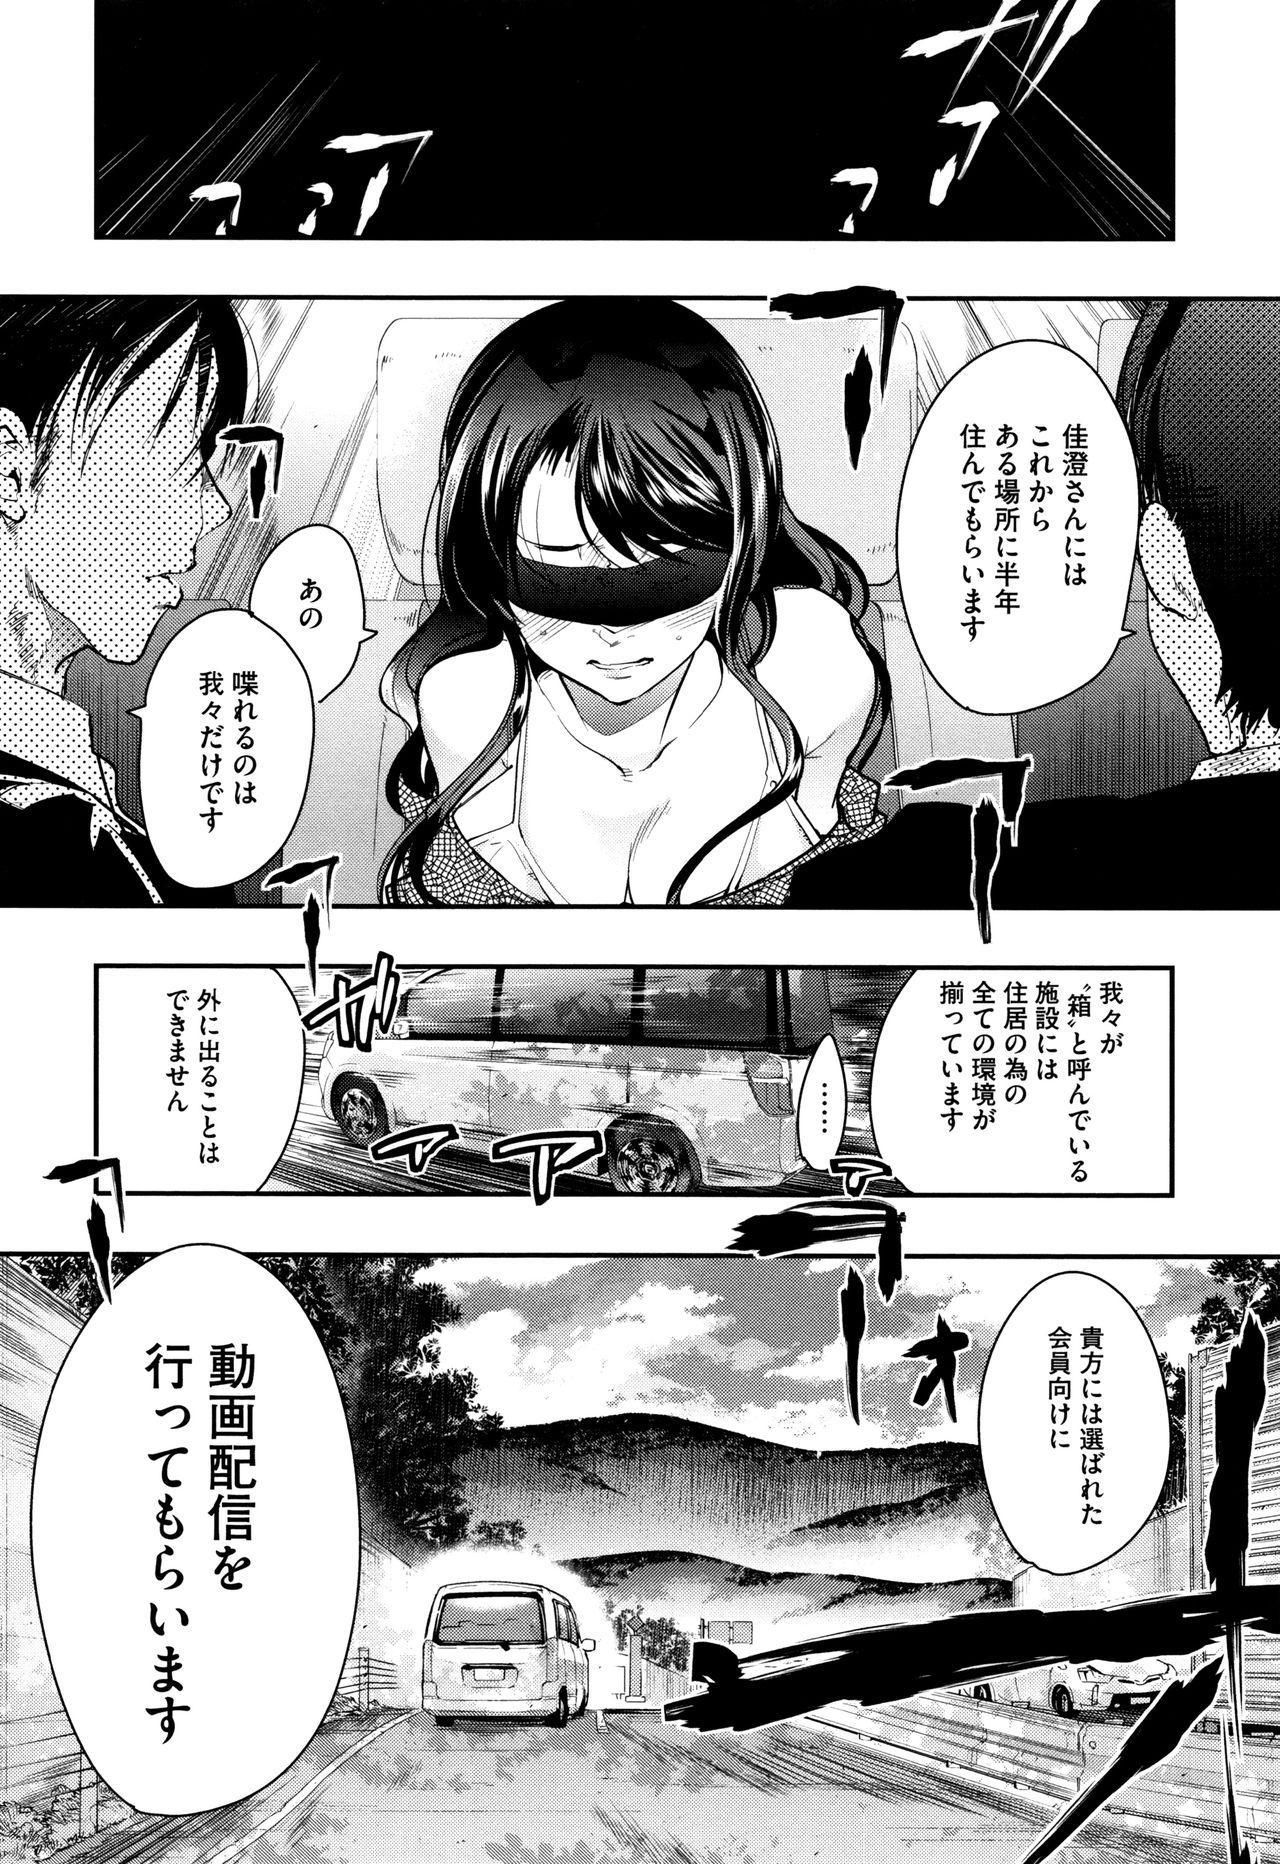 Setsuzoku Sareta Onna 12